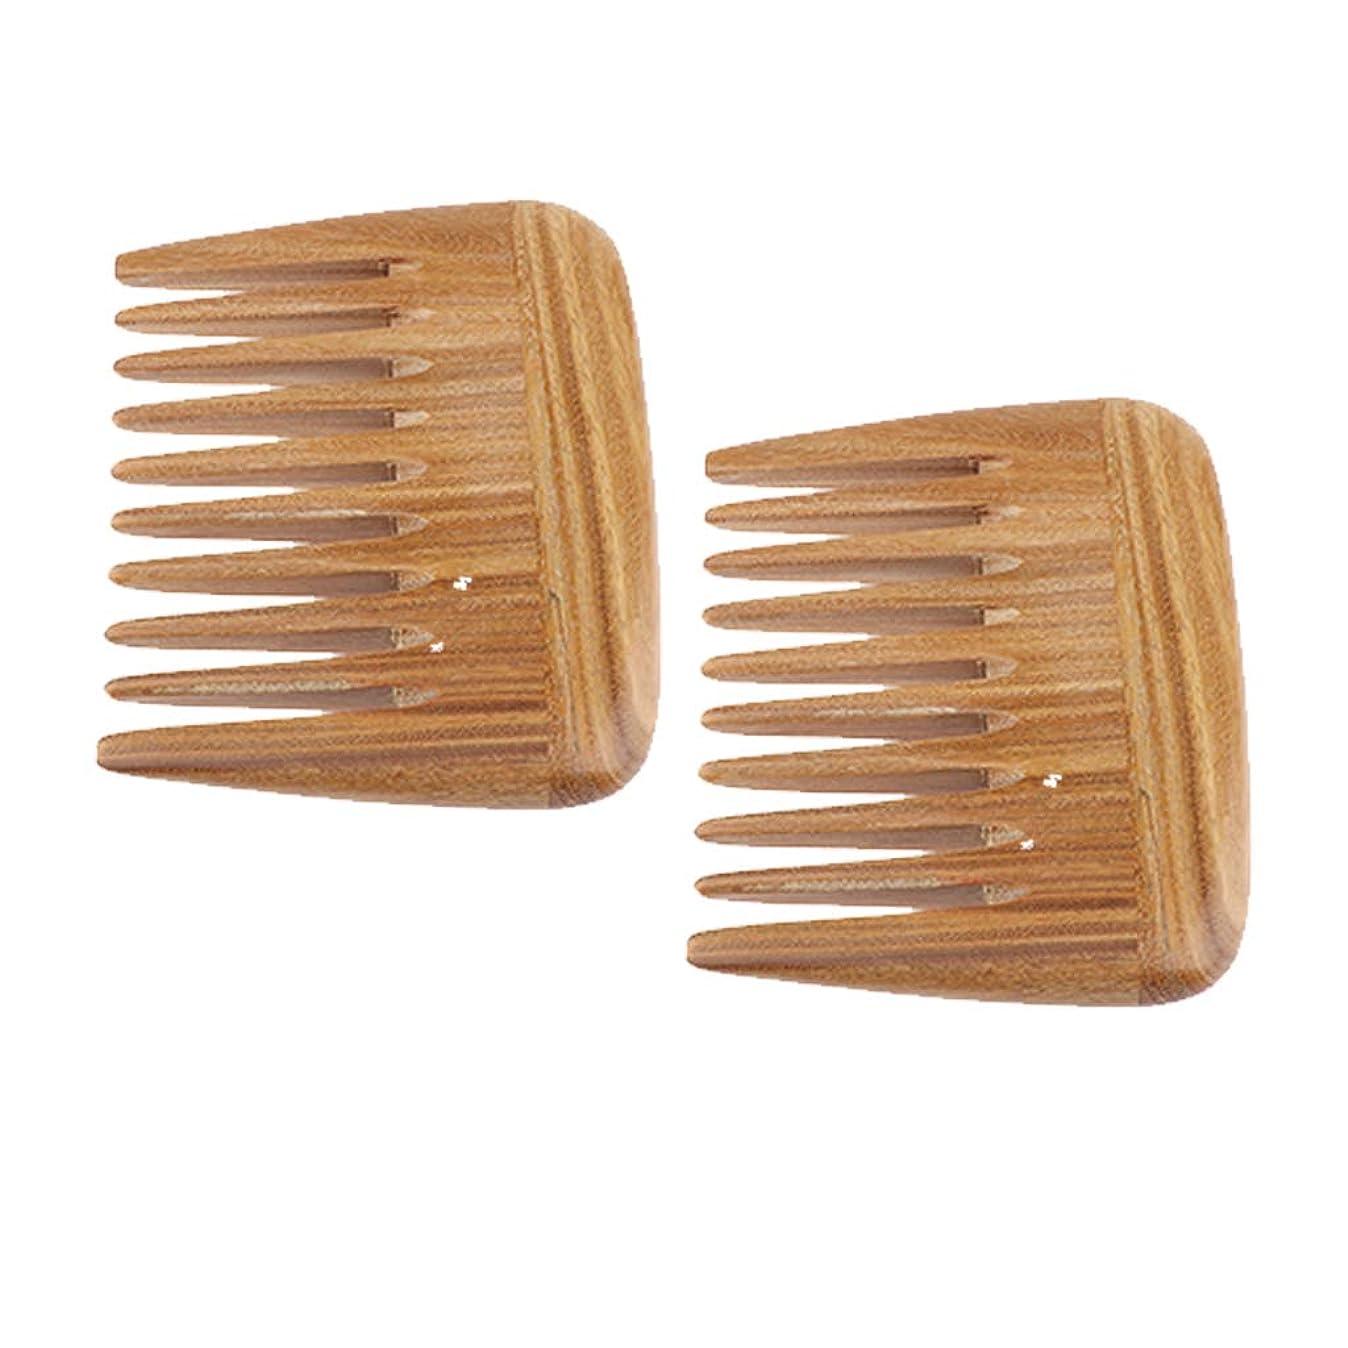 お別れ手錠でるB Baosity 2個 静電気防止櫛 ポケット 広い歯 ヘアコーム 木製櫛 プレゼント